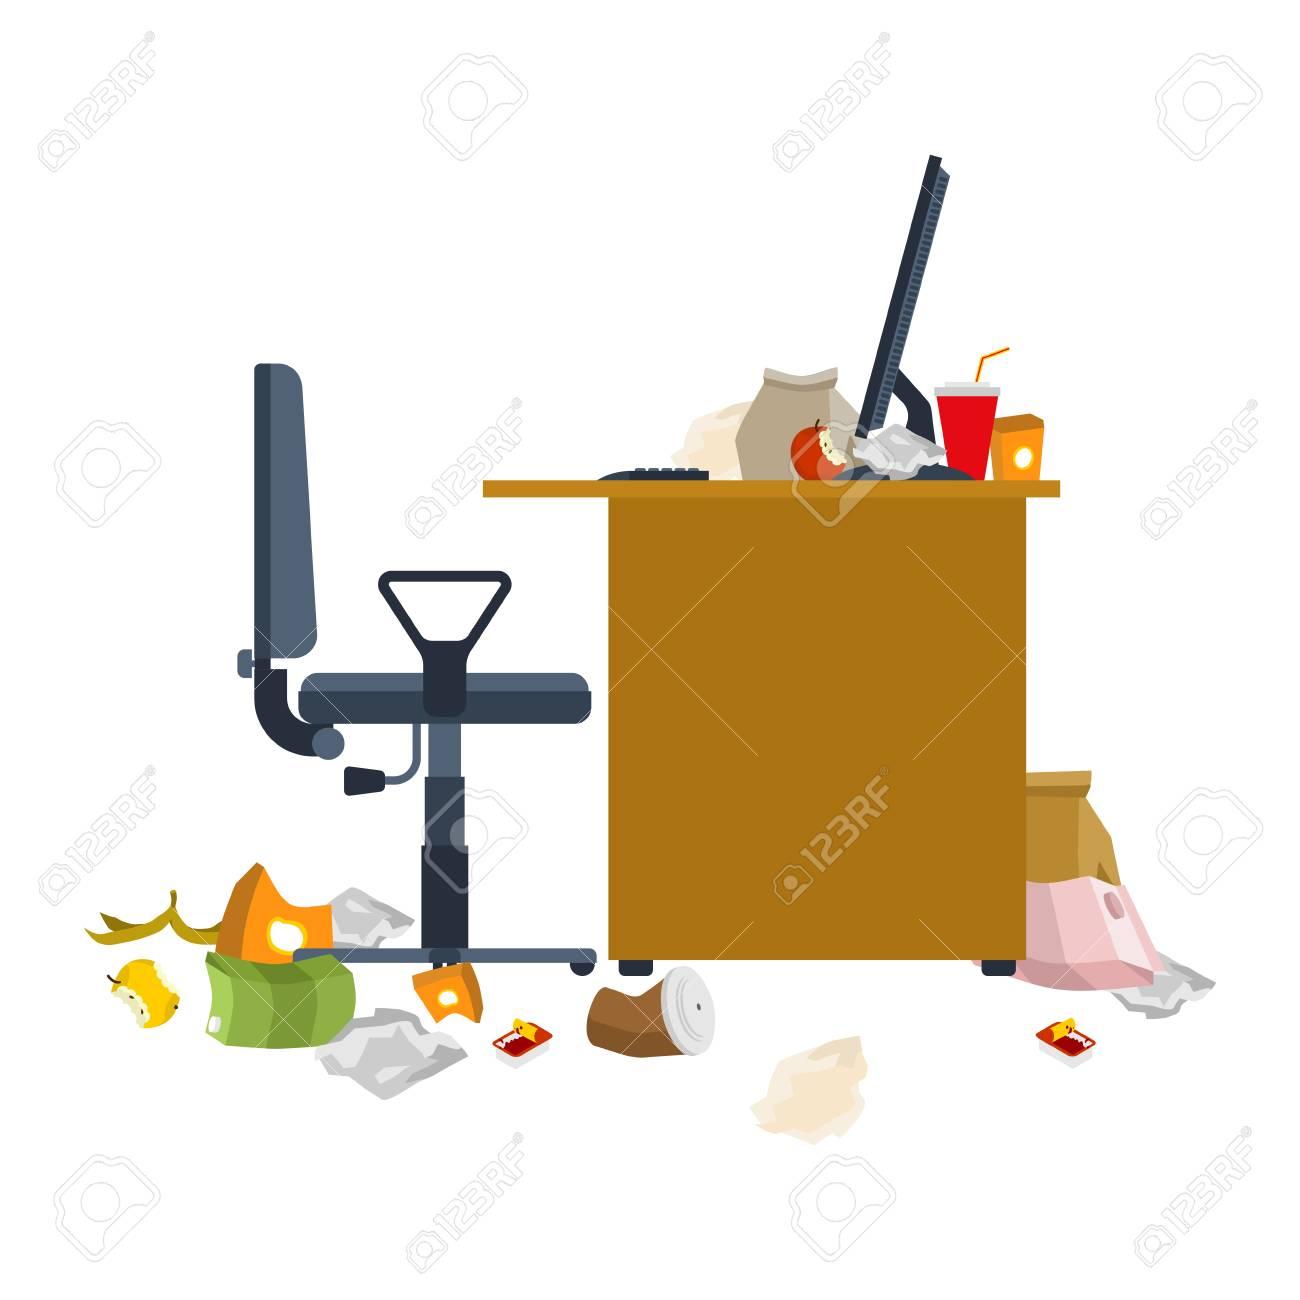 Schmutziger Arbeitsplatz Müll Und Stöcke Dreckiger